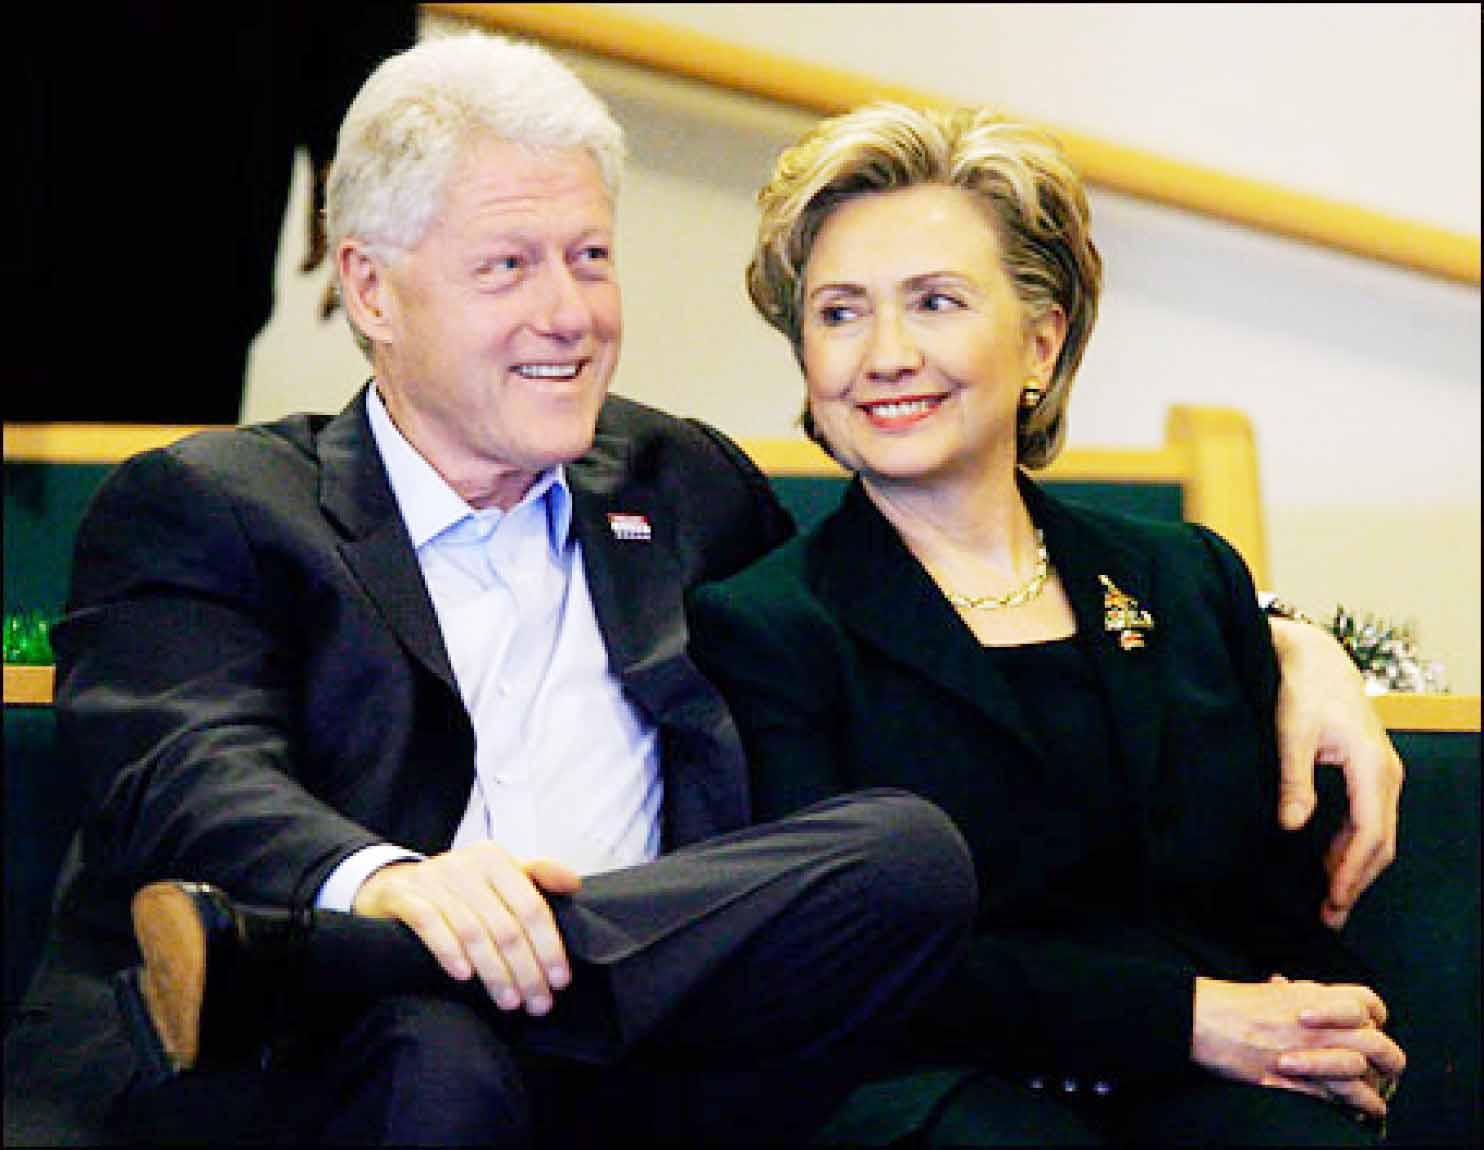 هيلاري كلينتون رفقة زوجها بيل كلينتون - ارشيف